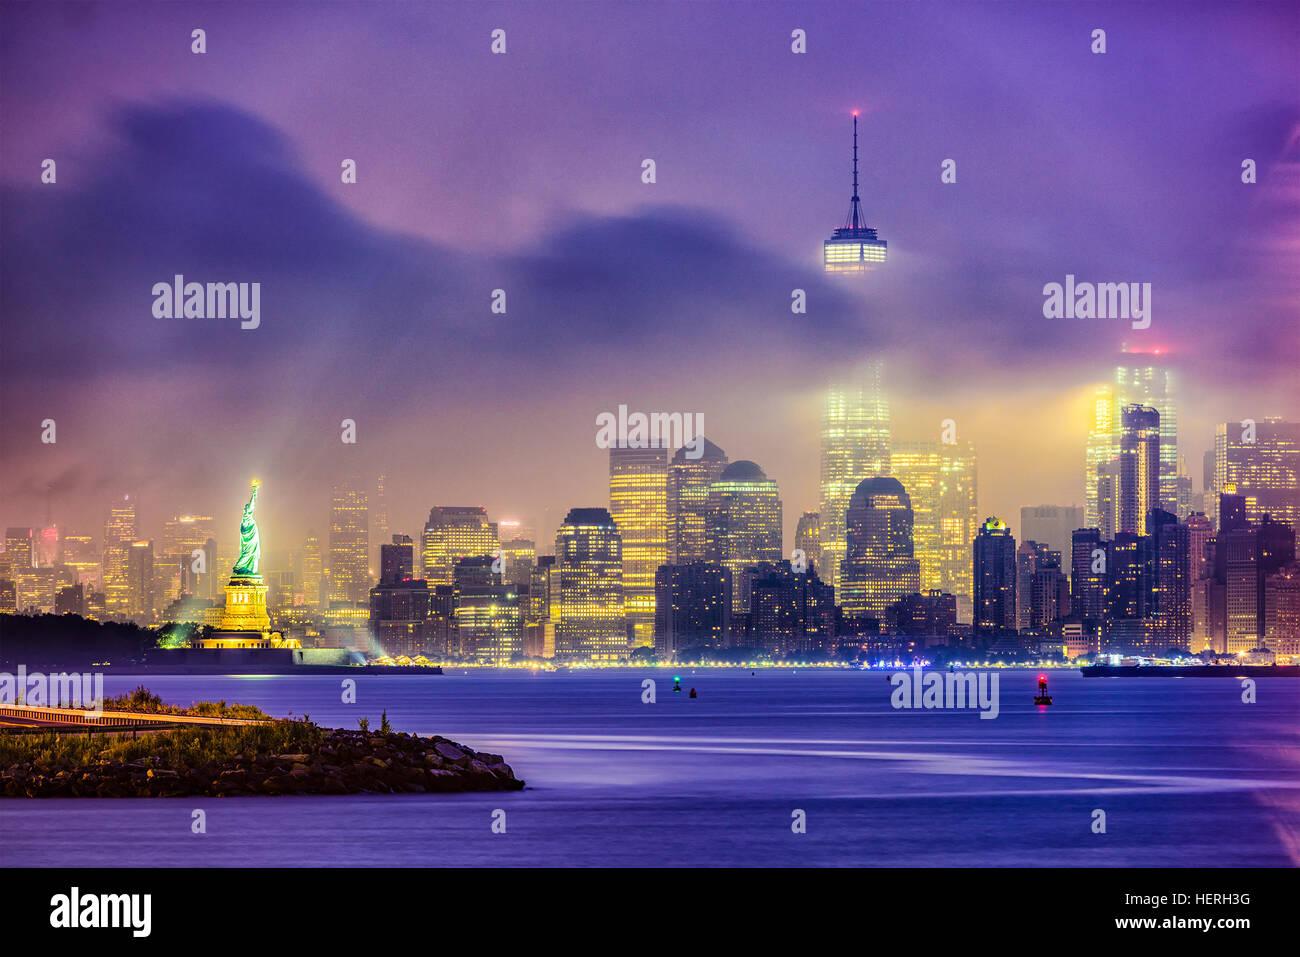 Skyline von New York City in einer nebligen Nacht. Stockbild